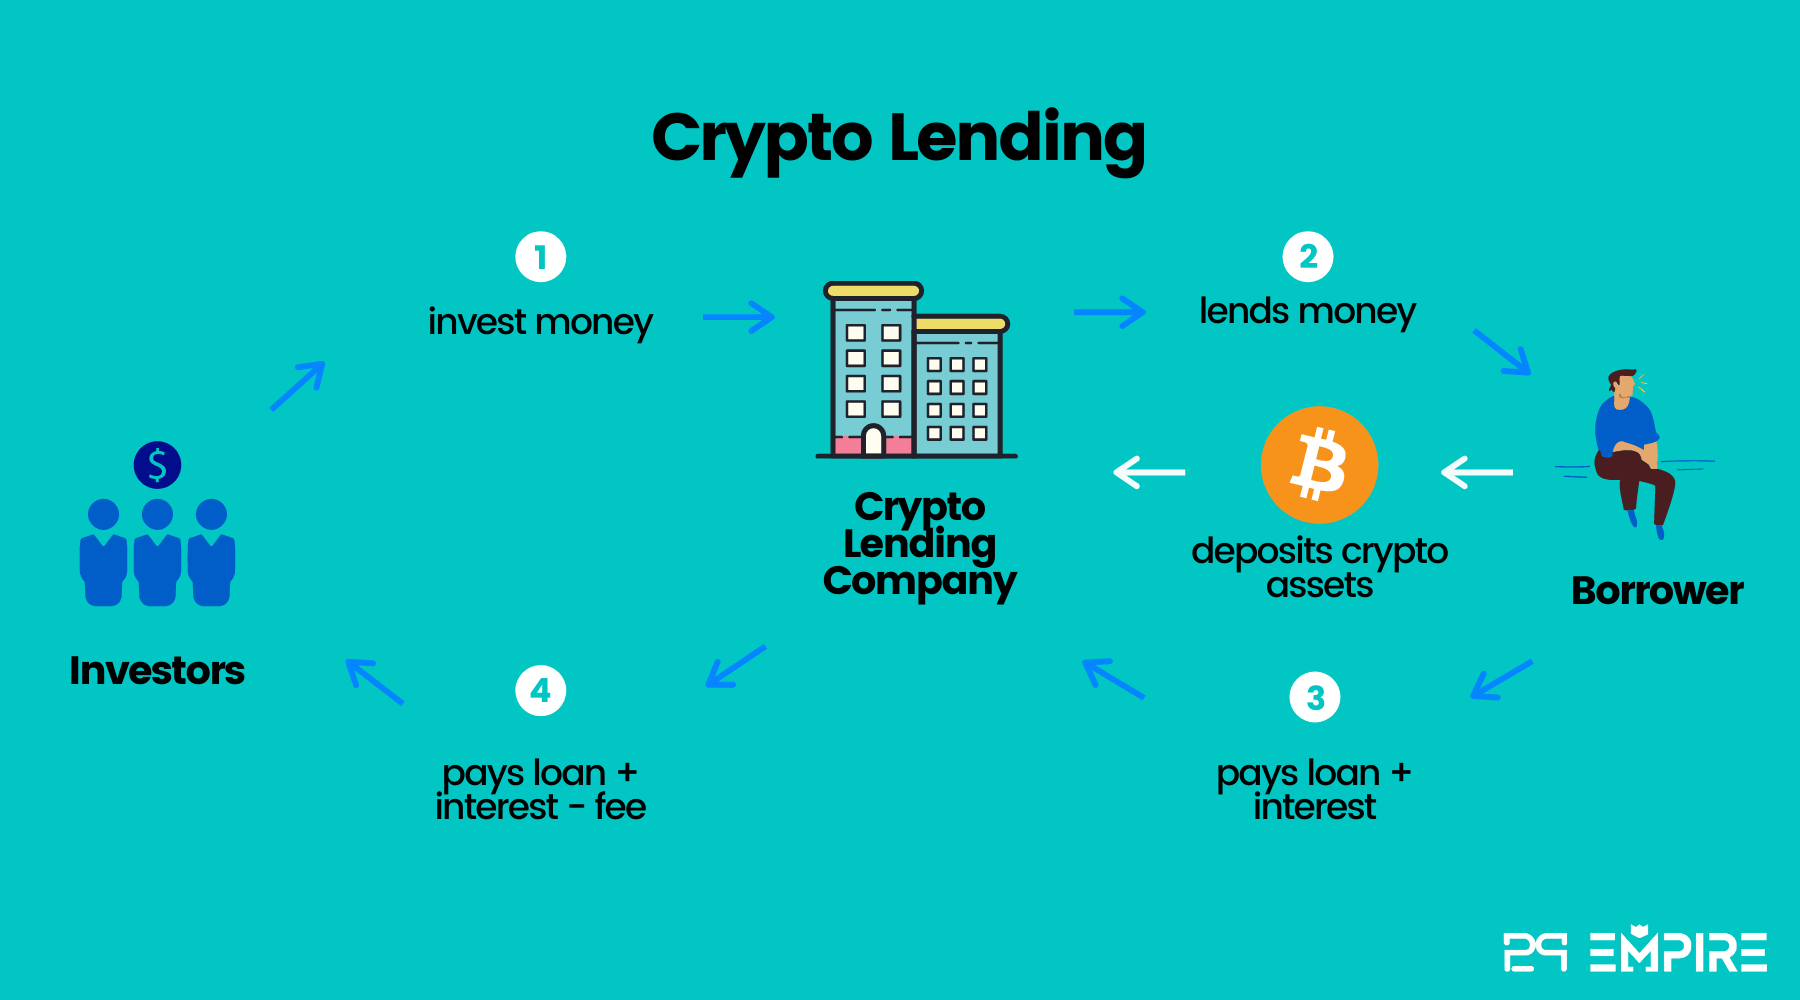 crypto.com lending I Cryptofalka